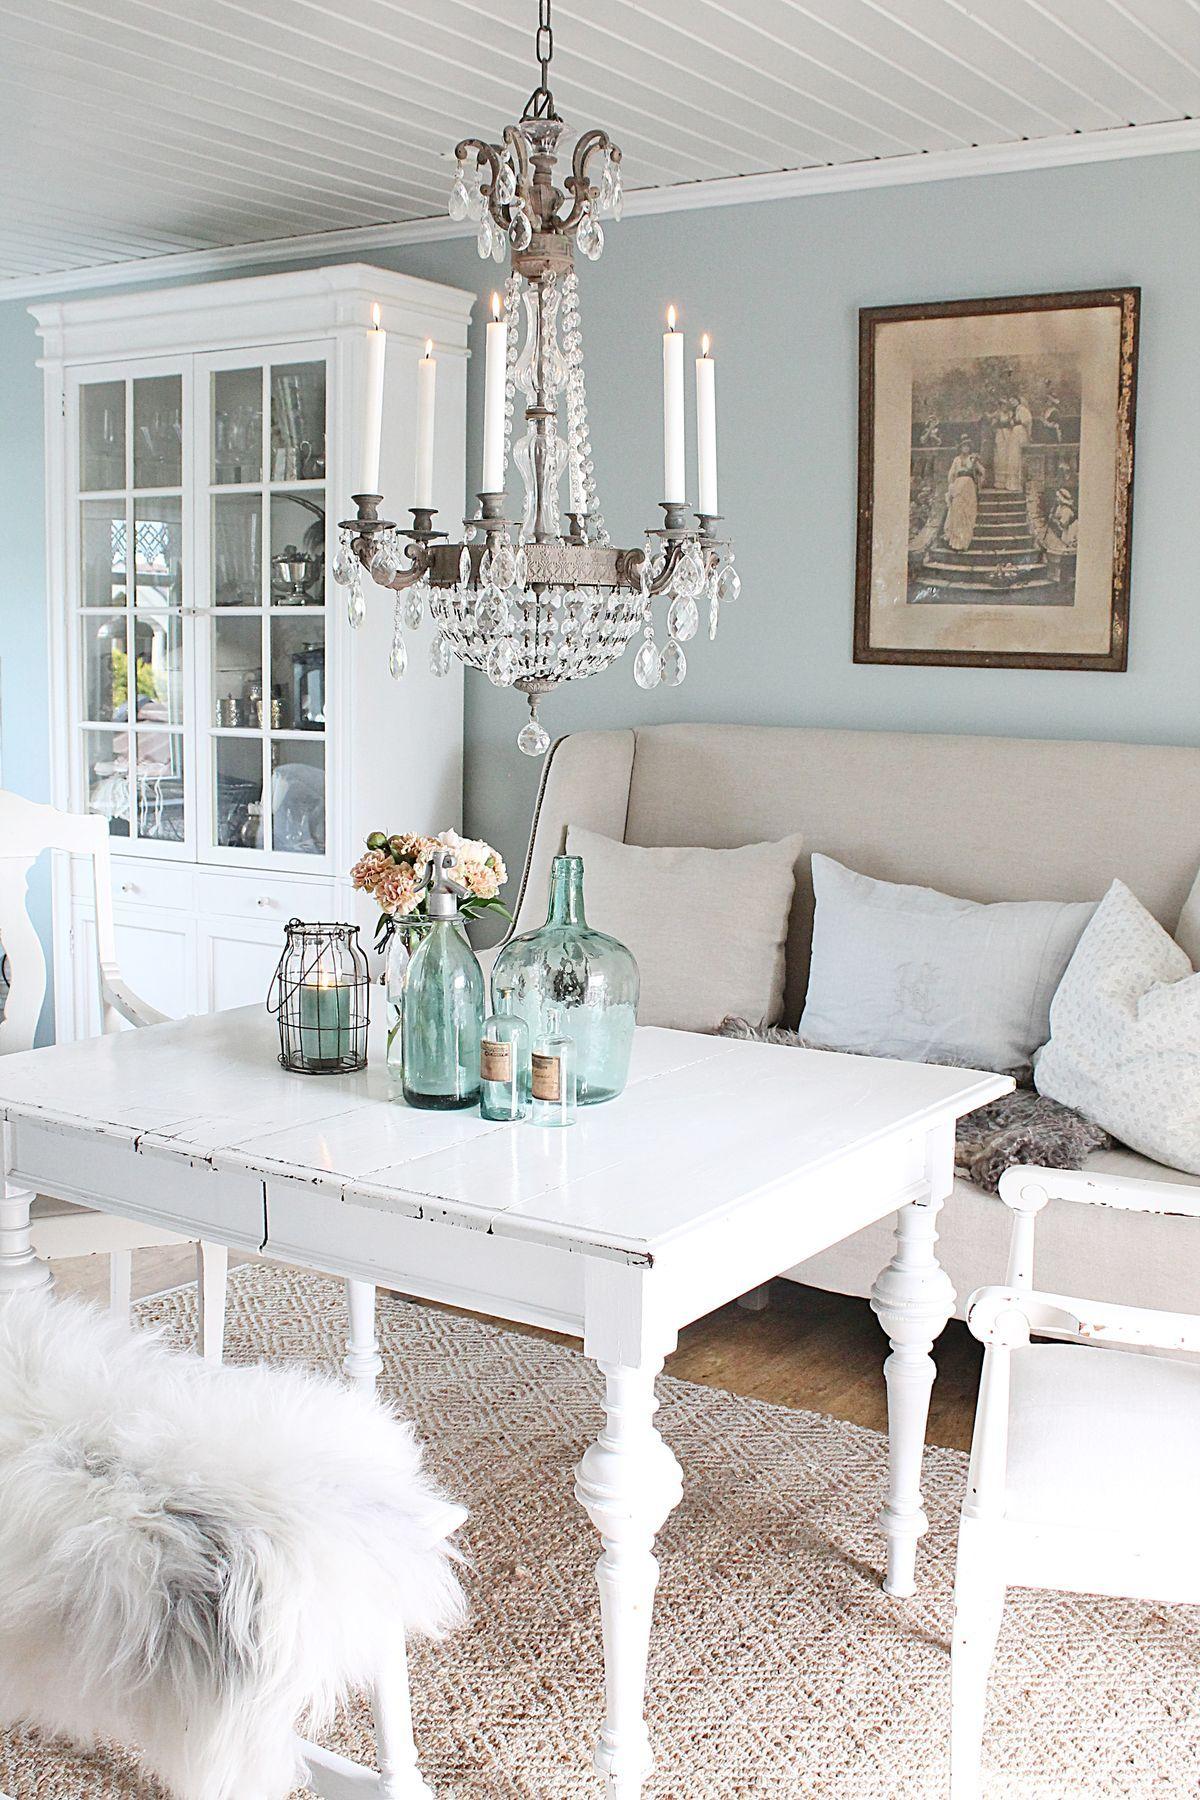 1 200 1 800 pixels homes of beauty pinterest. Black Bedroom Furniture Sets. Home Design Ideas